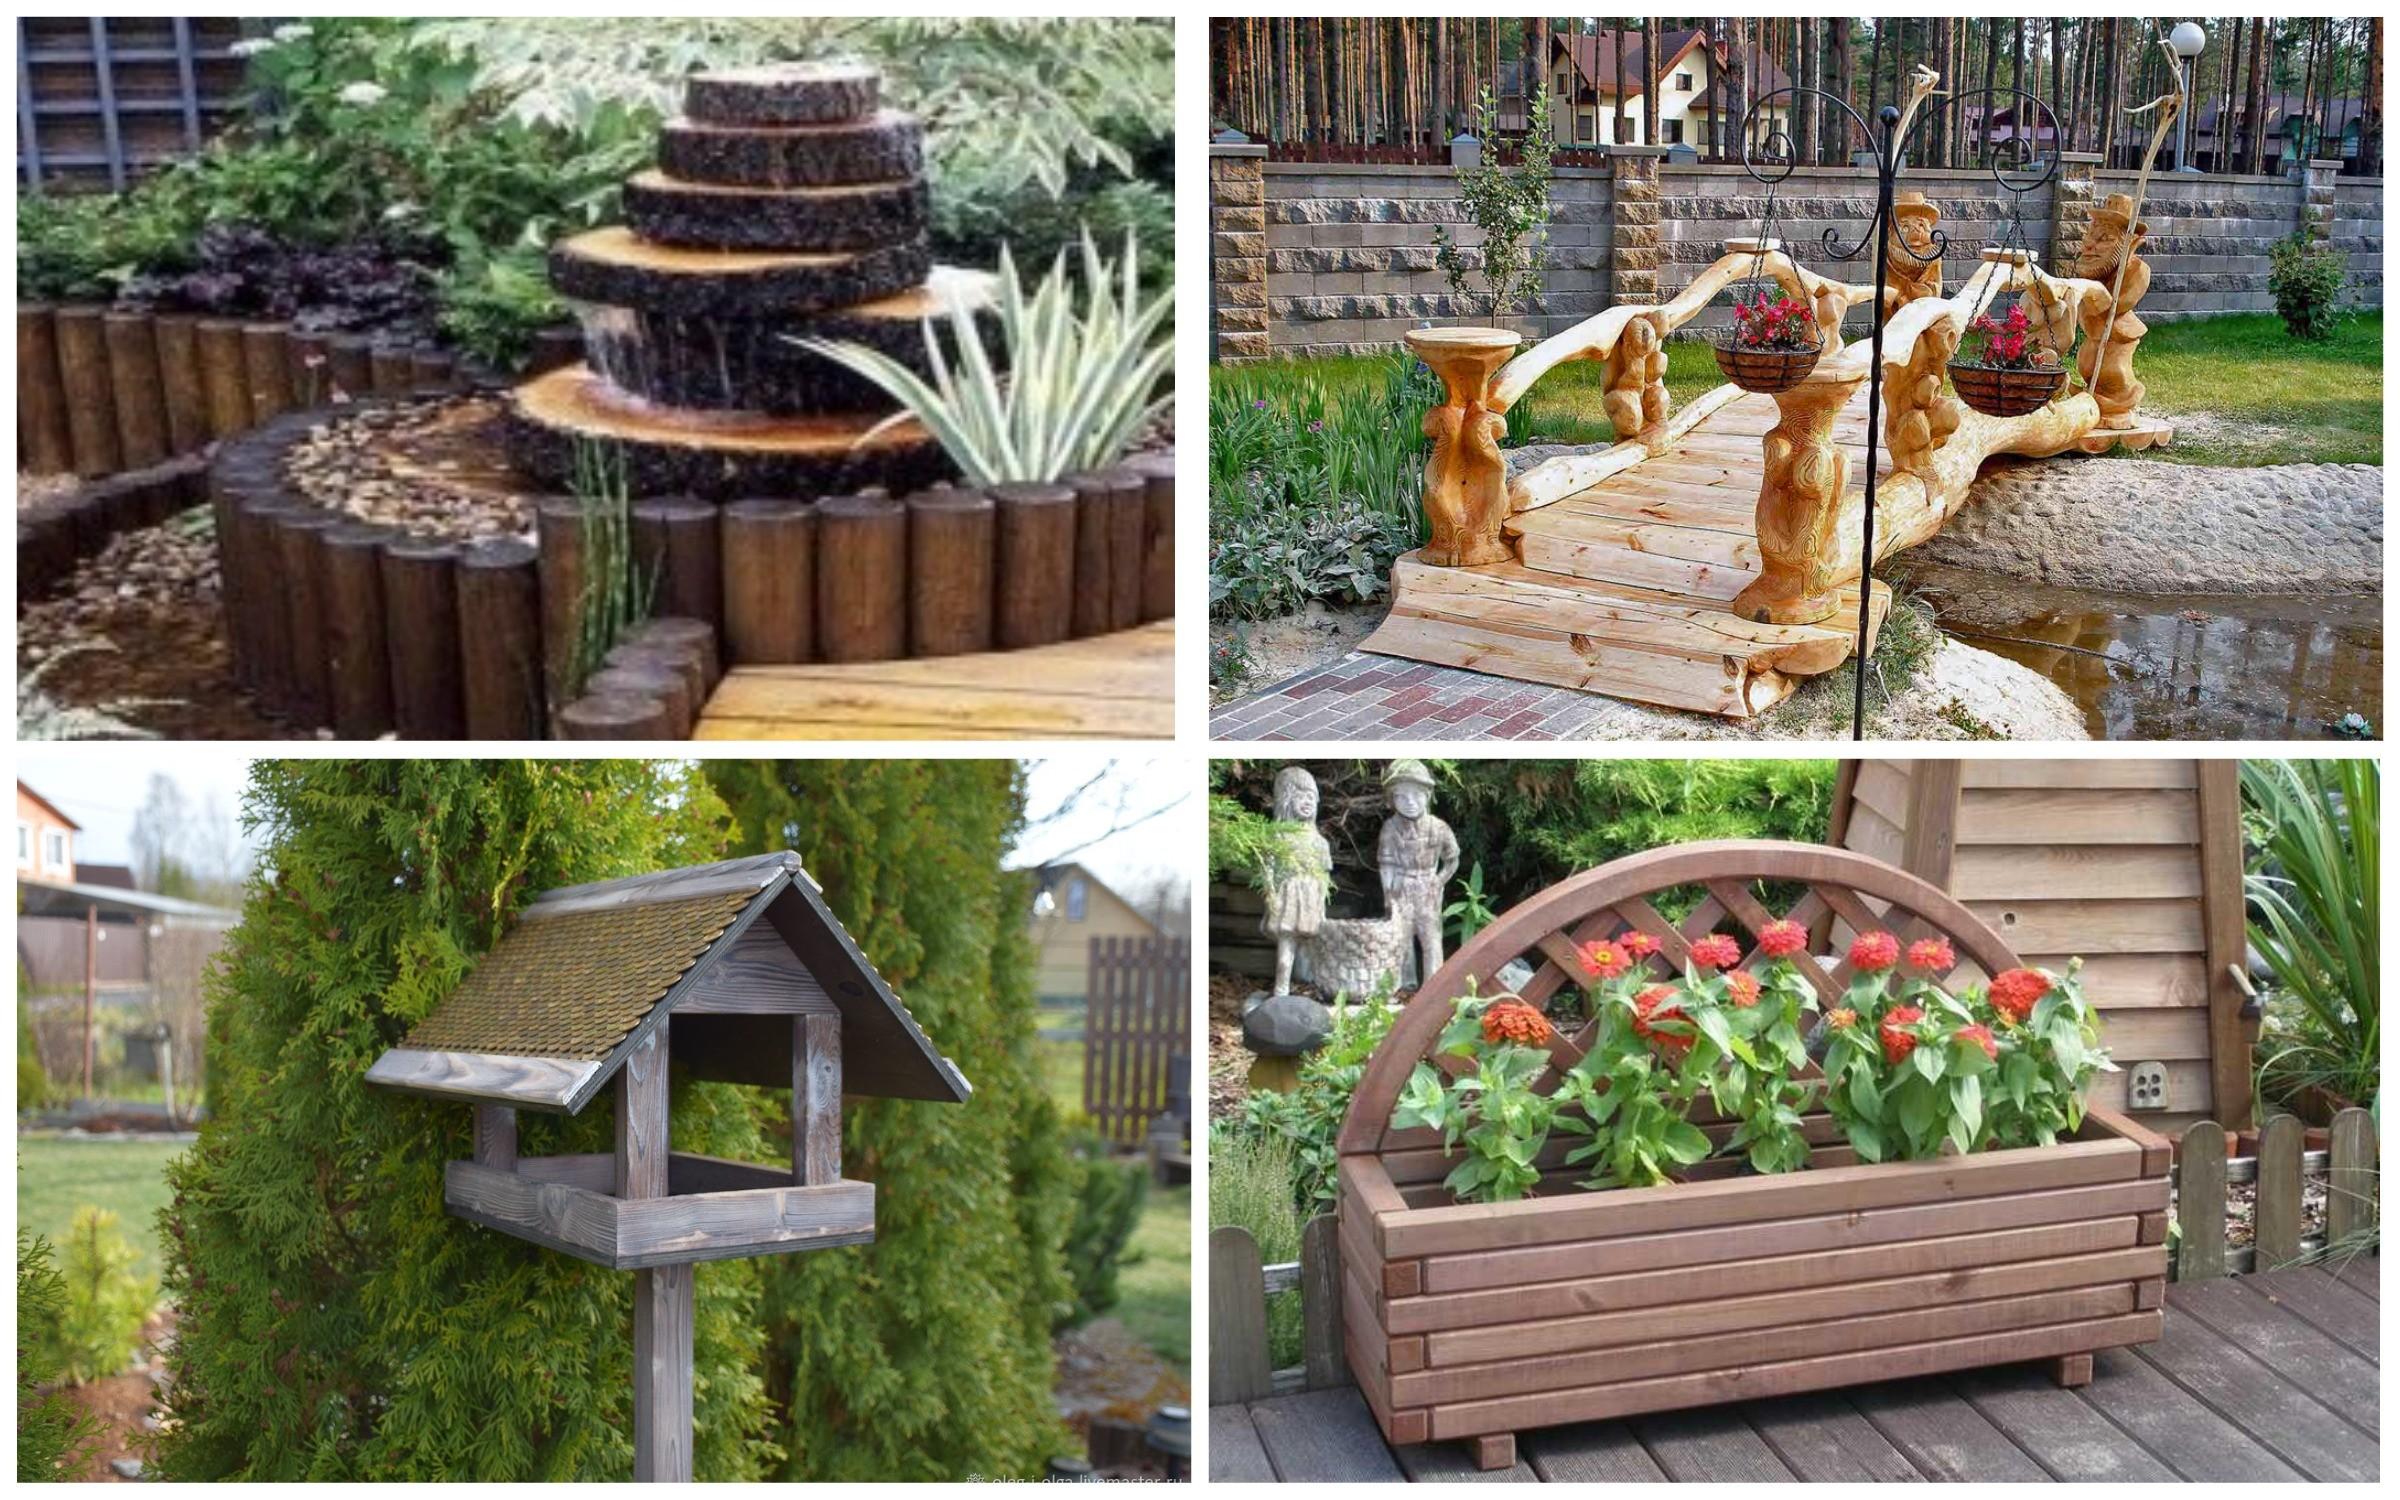 изображение деревянных скульптур в саду